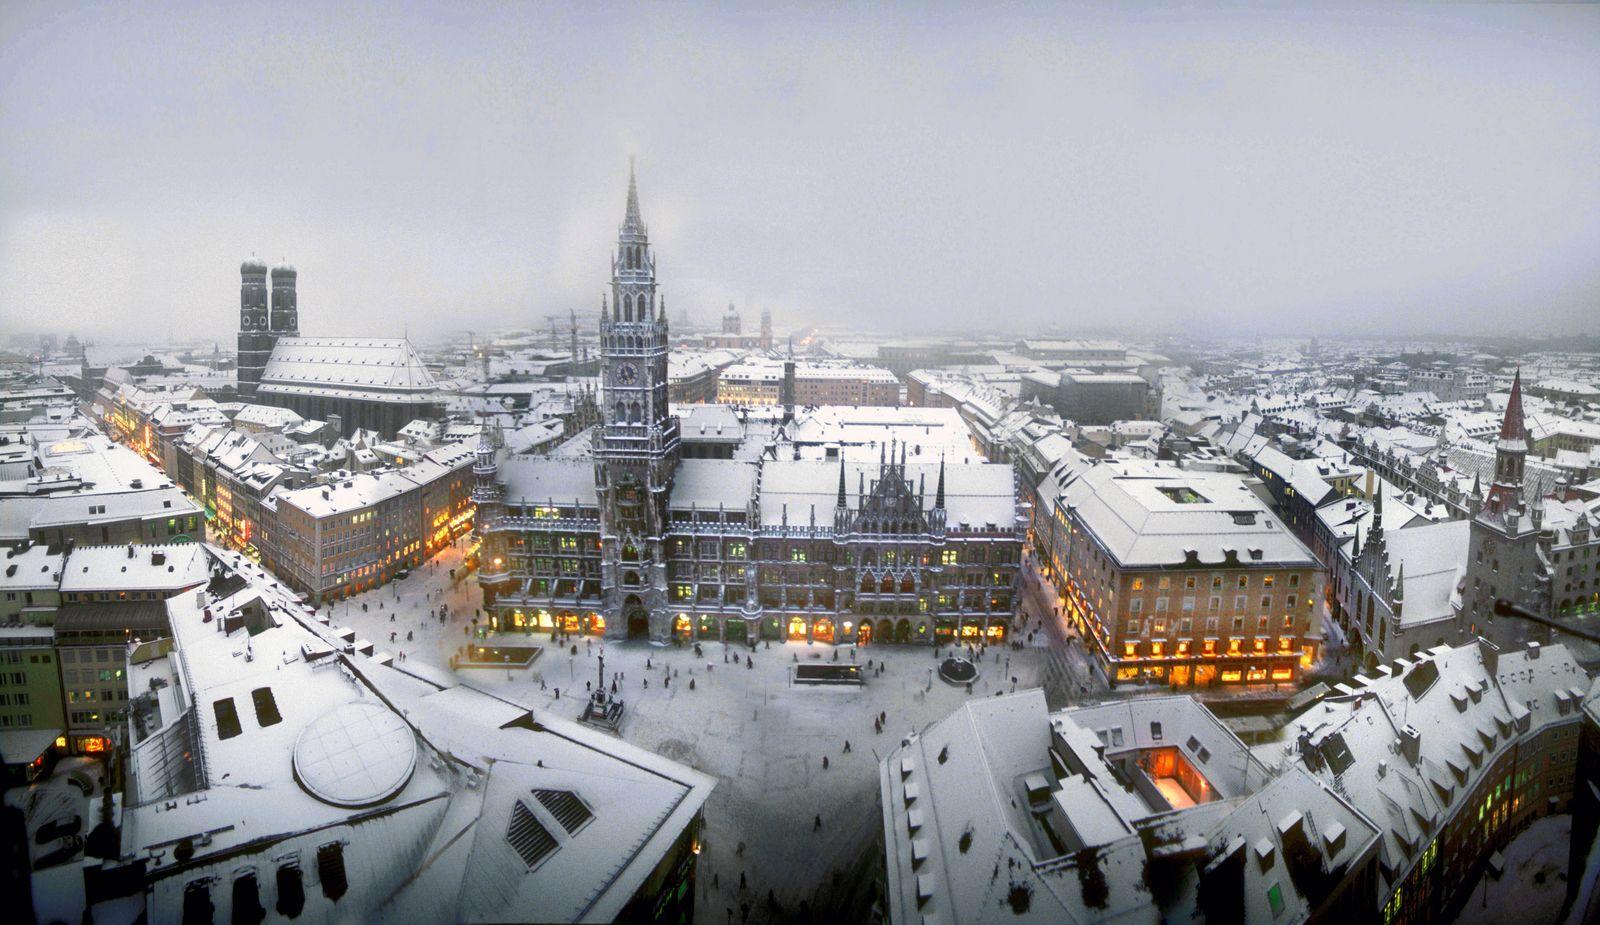 München, Stadtansicht, Innenstadt, Altstadt, Zentrum, City, Stadtzentrum, Skyline,Frauenkirche, Rathaus, Marienplatz, W